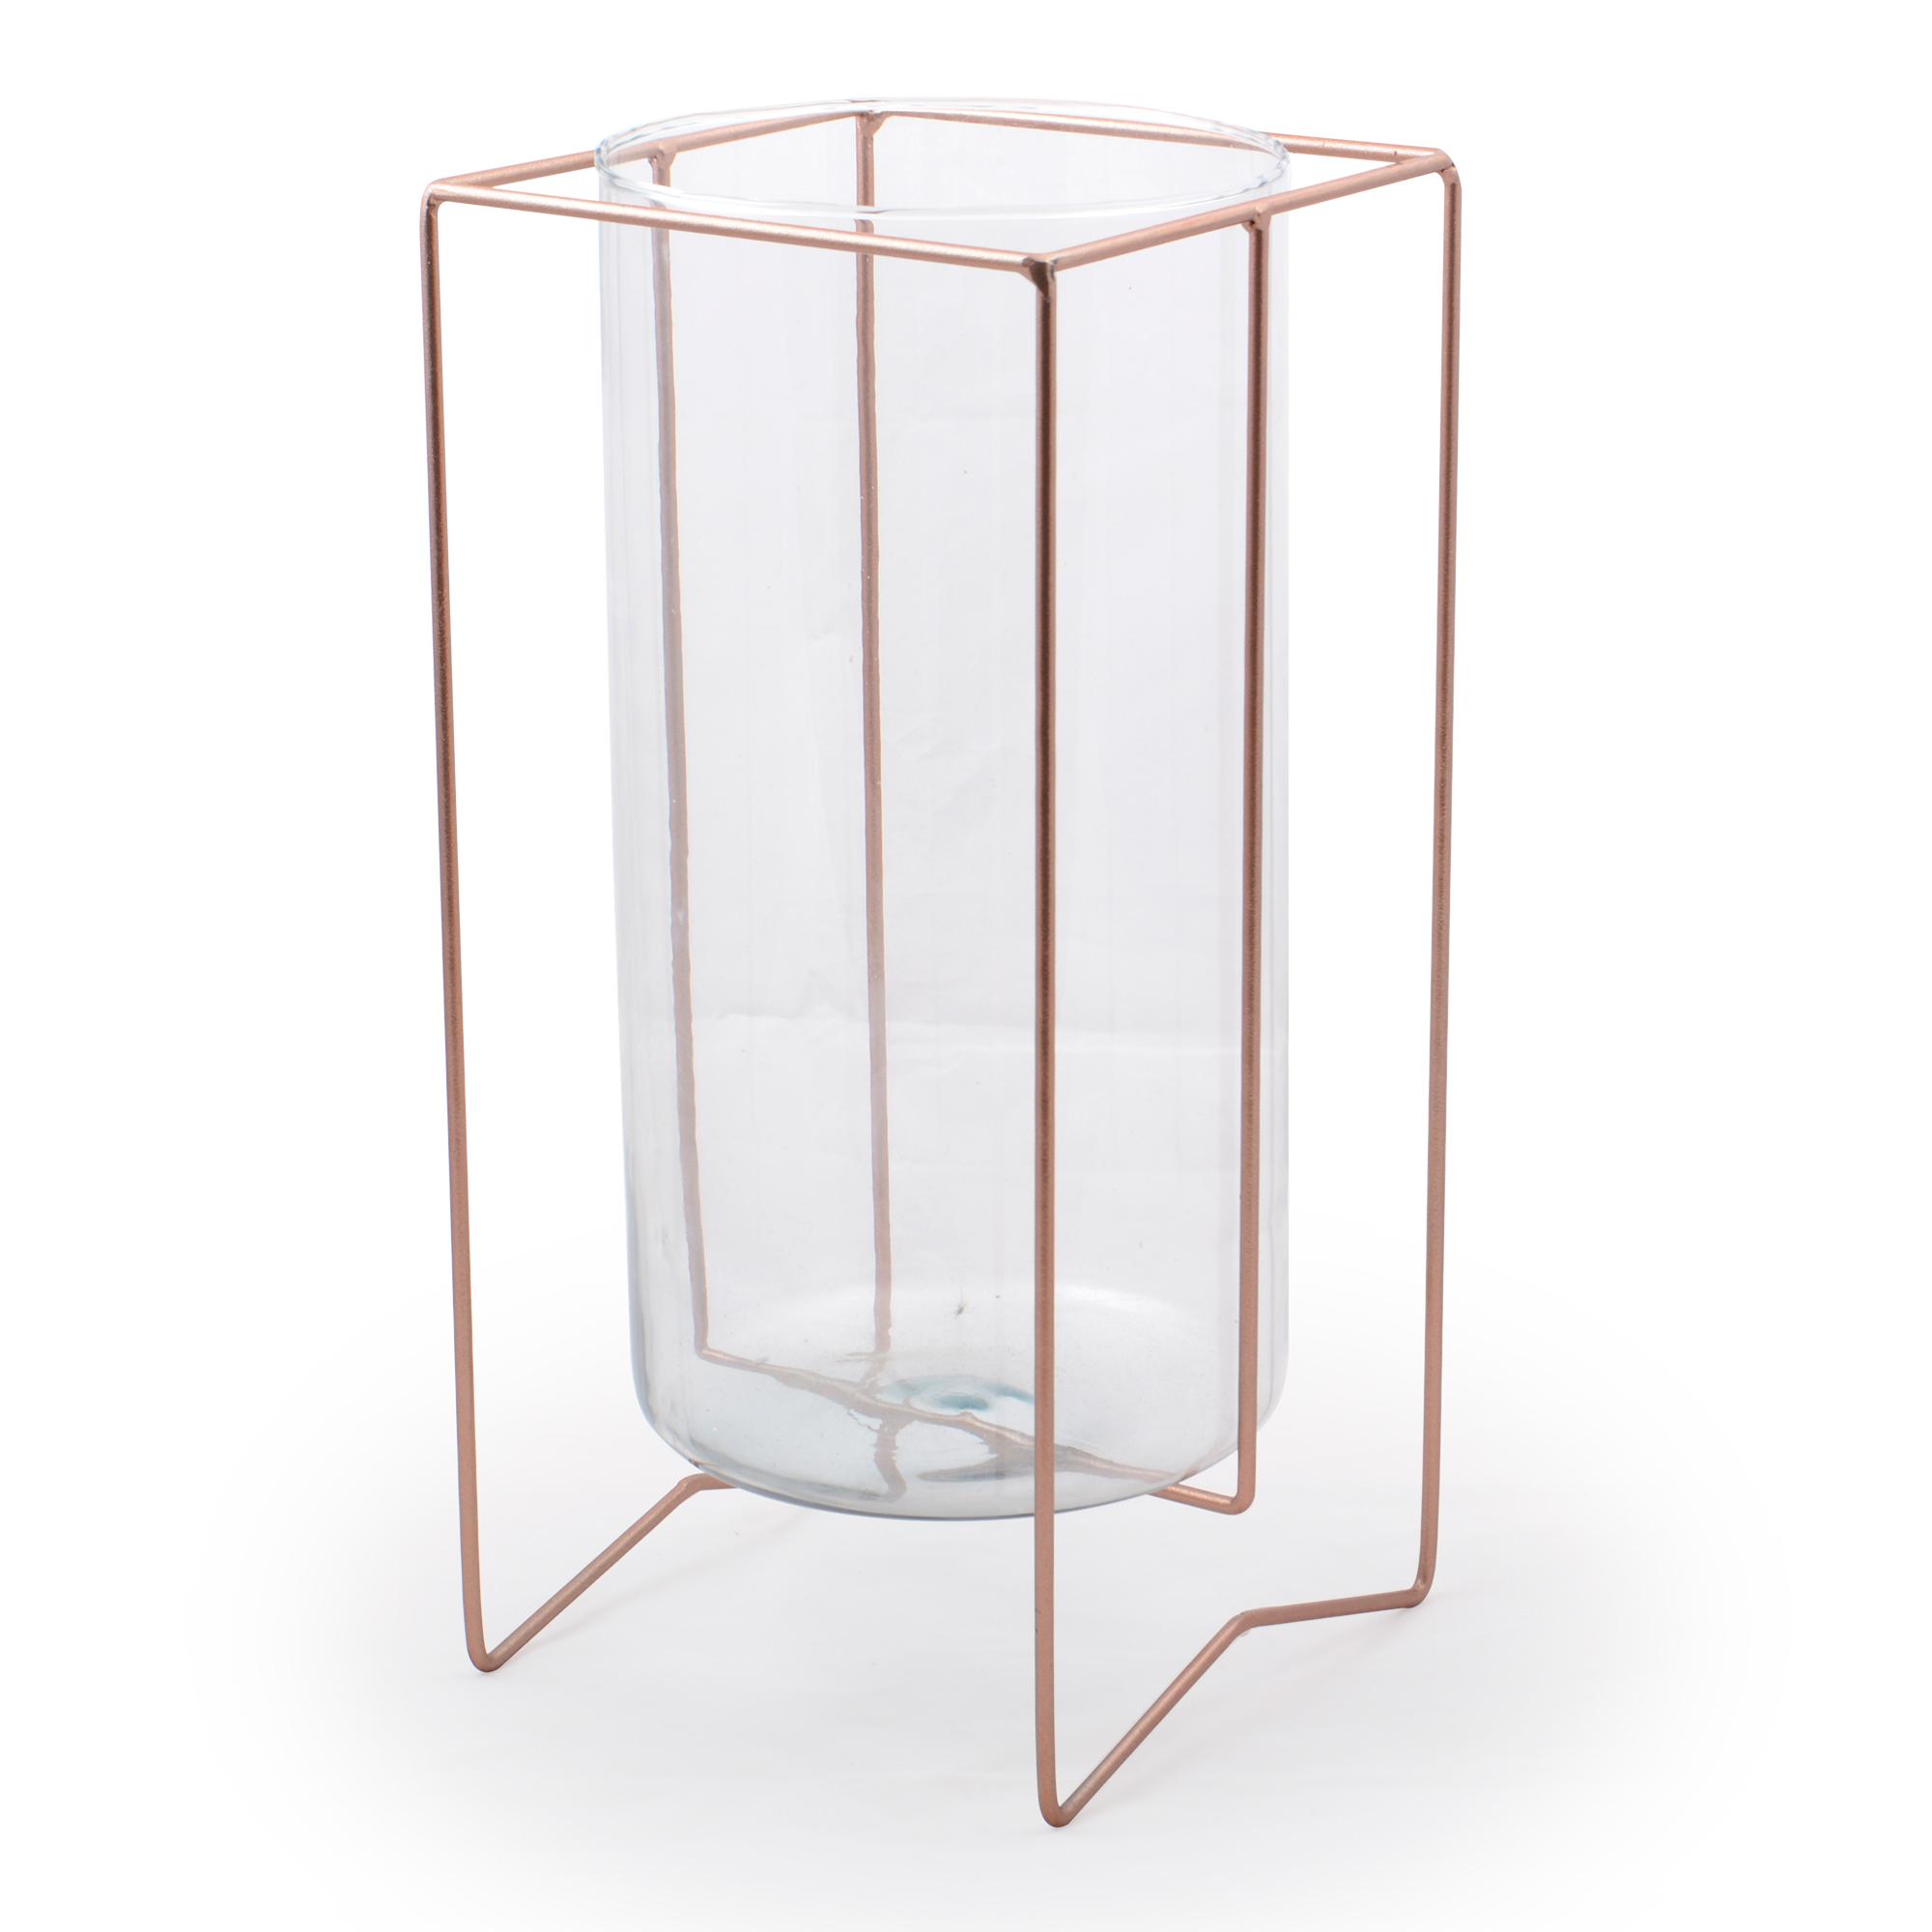 Vaso de vidro grande com suporte de Mesa